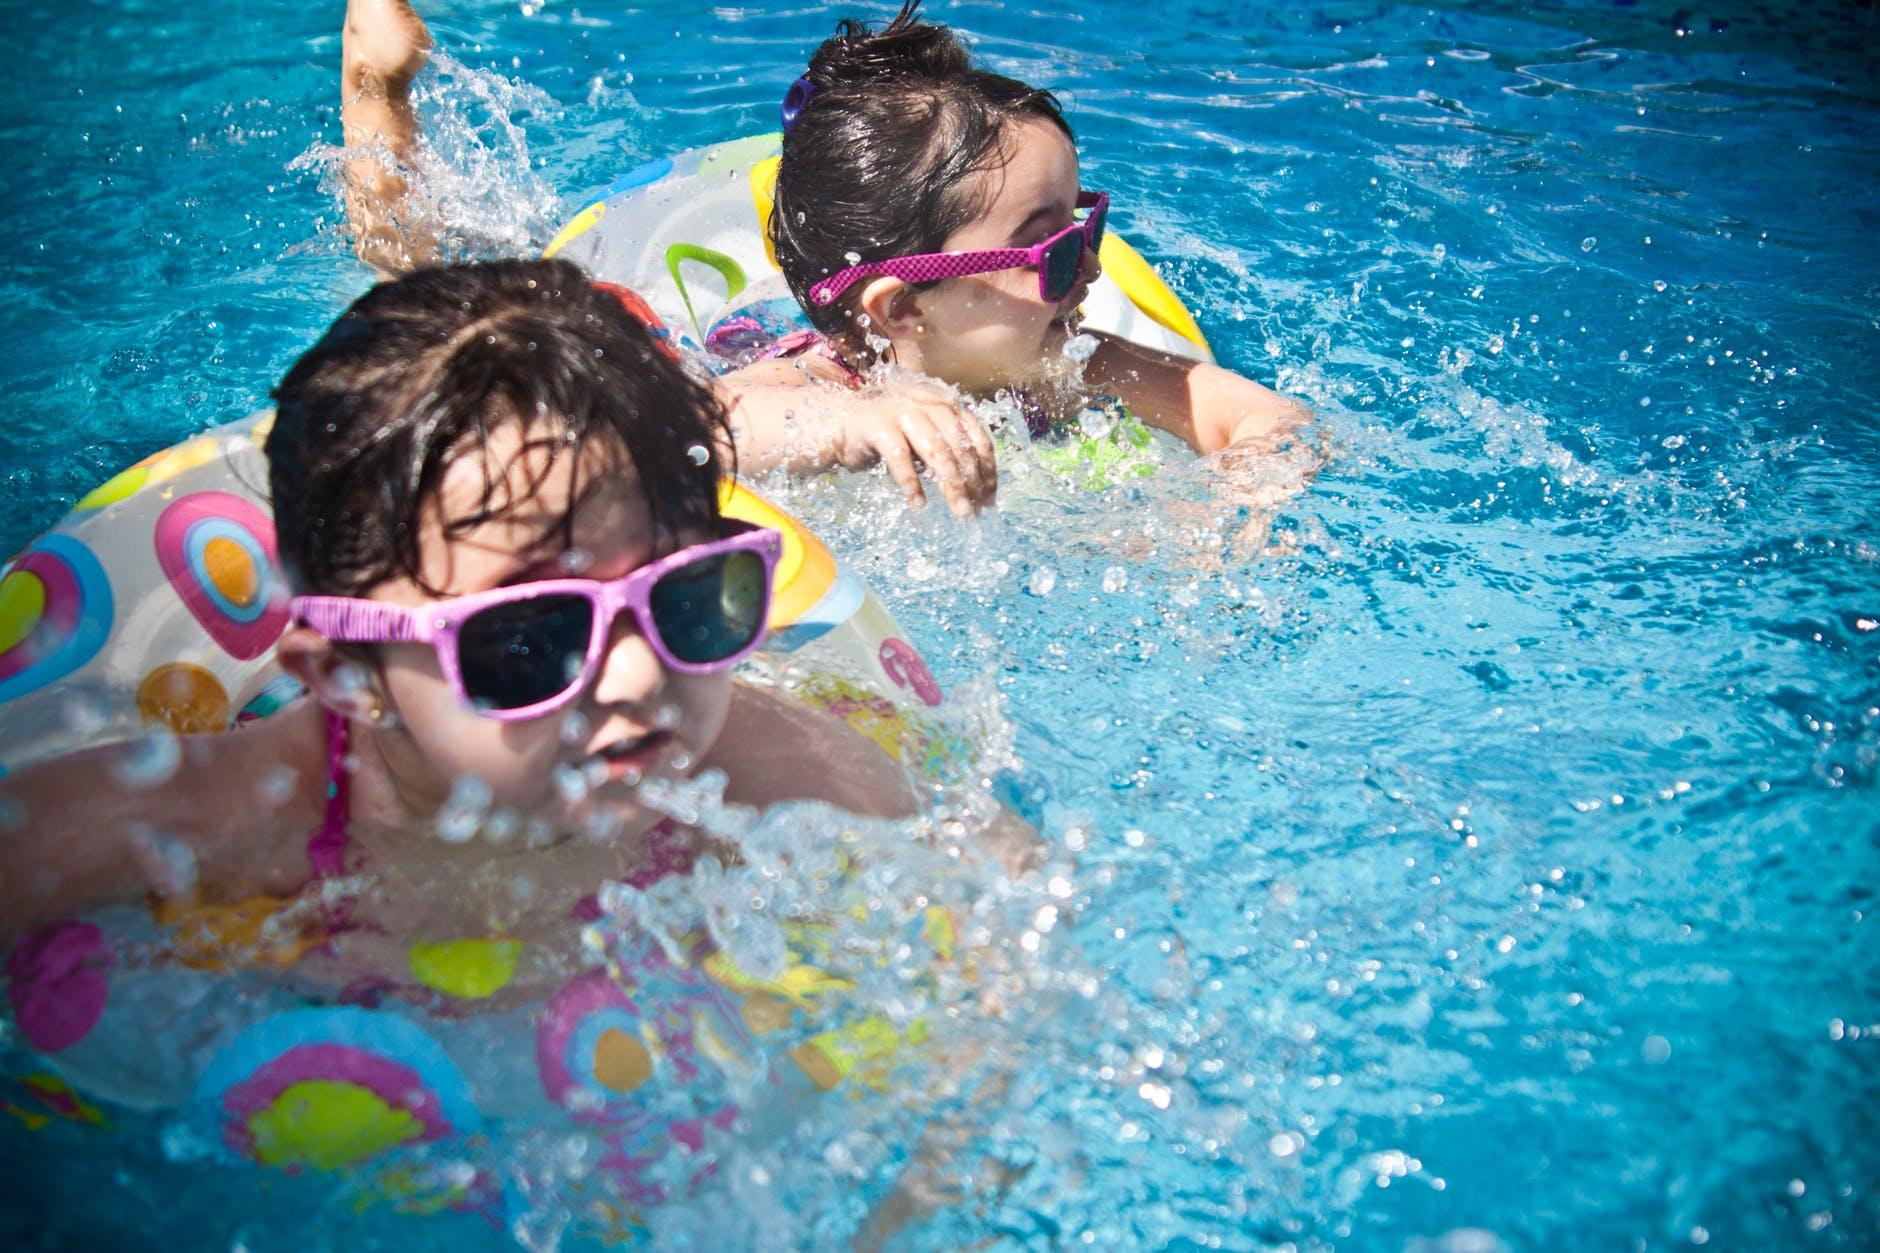 voda plivanje bazen dijete naocale